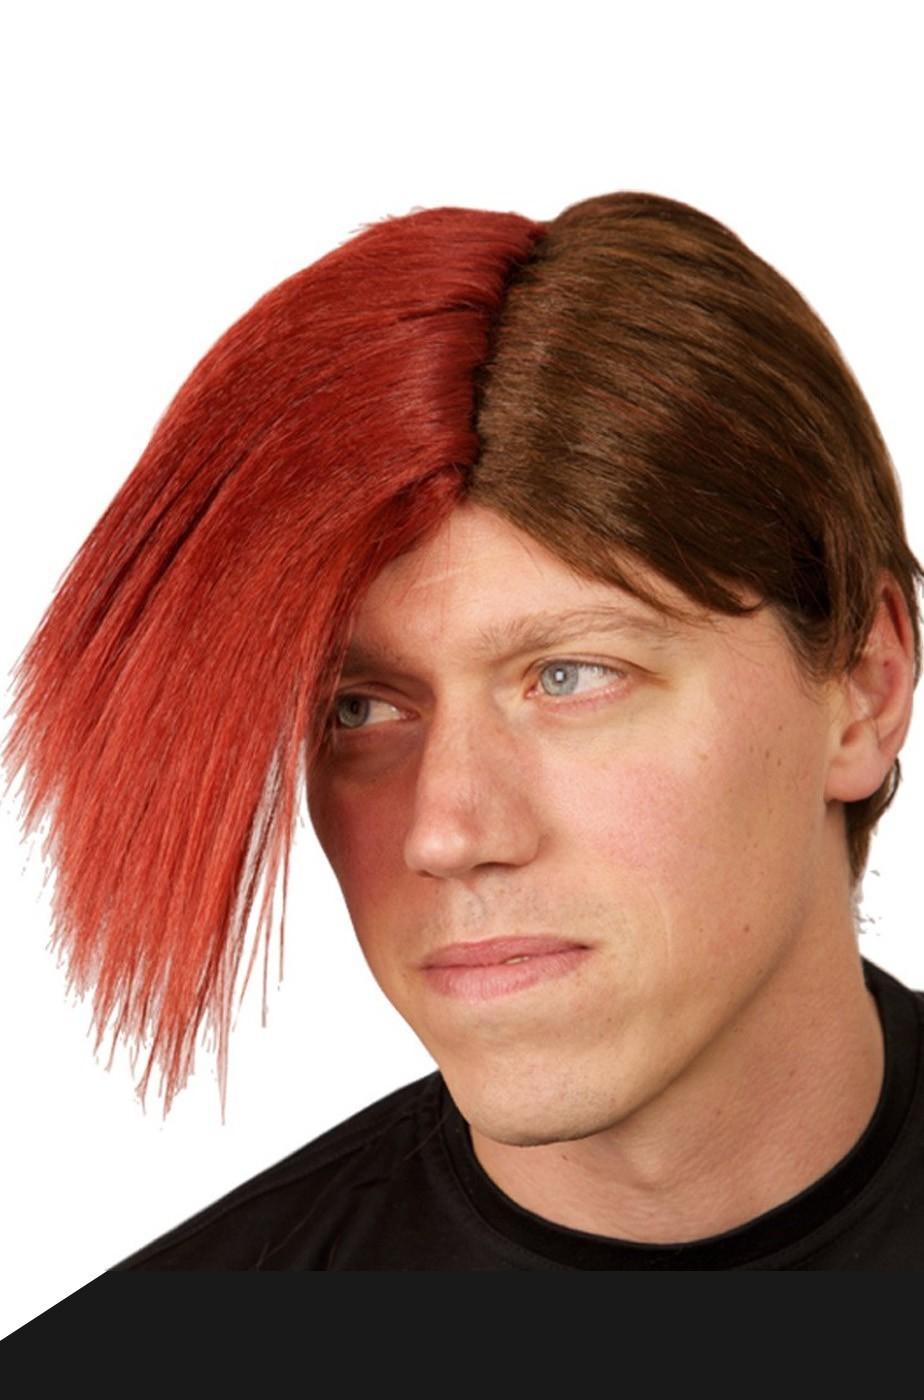 Parrucca rossa sfumata emo liscia lunga senza frangia scalata anni 80